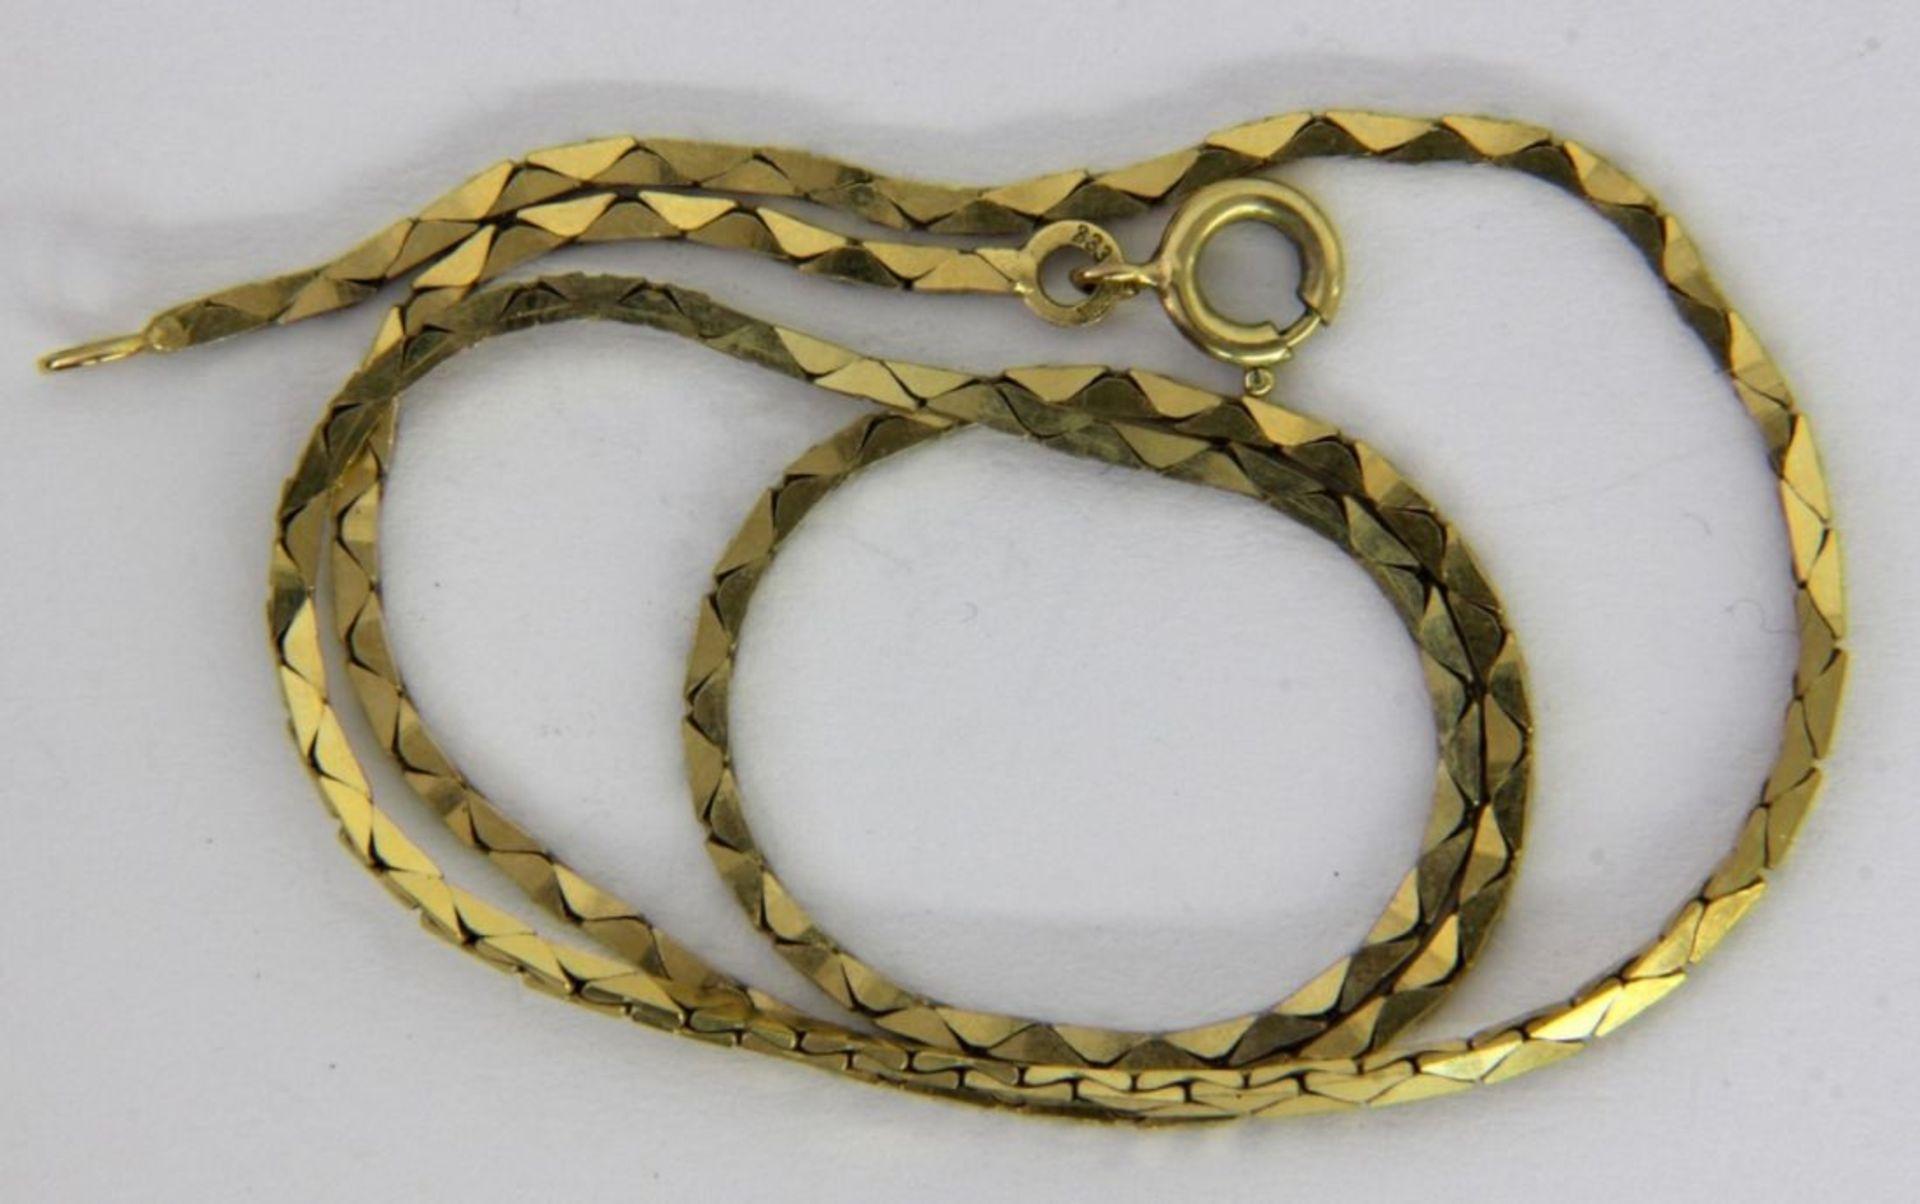 HALSKETTE 333/000 Gelbgold. L.39,5cm, - Bild 2 aus 2